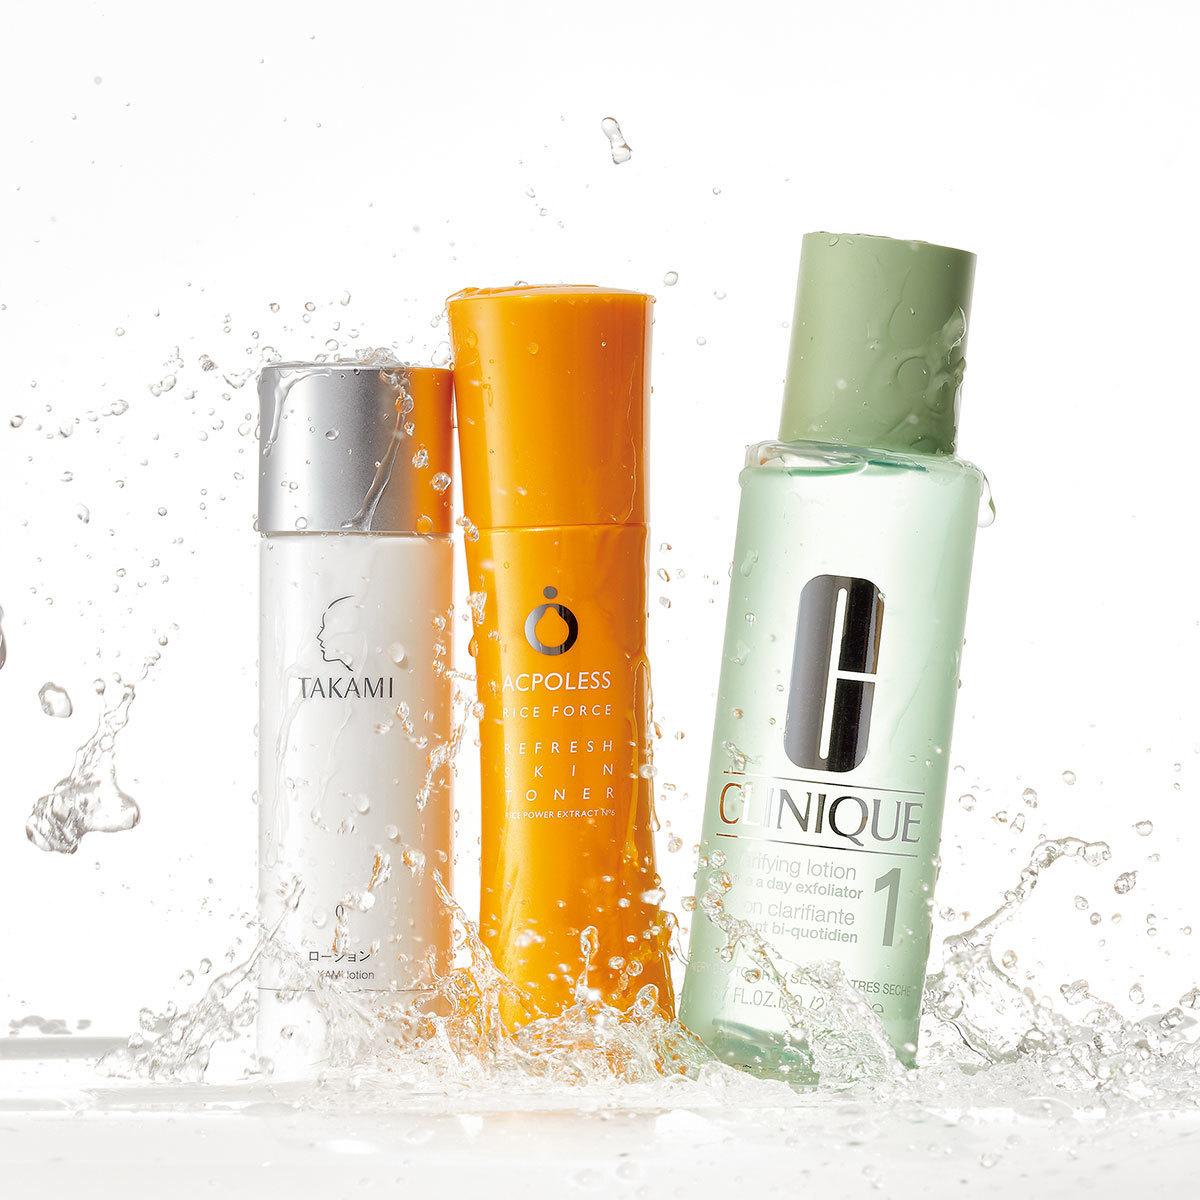 40代のための化粧水特集 | アンチエイジング、くすみ、ごわつきにおすすめの化粧水は?_1_15